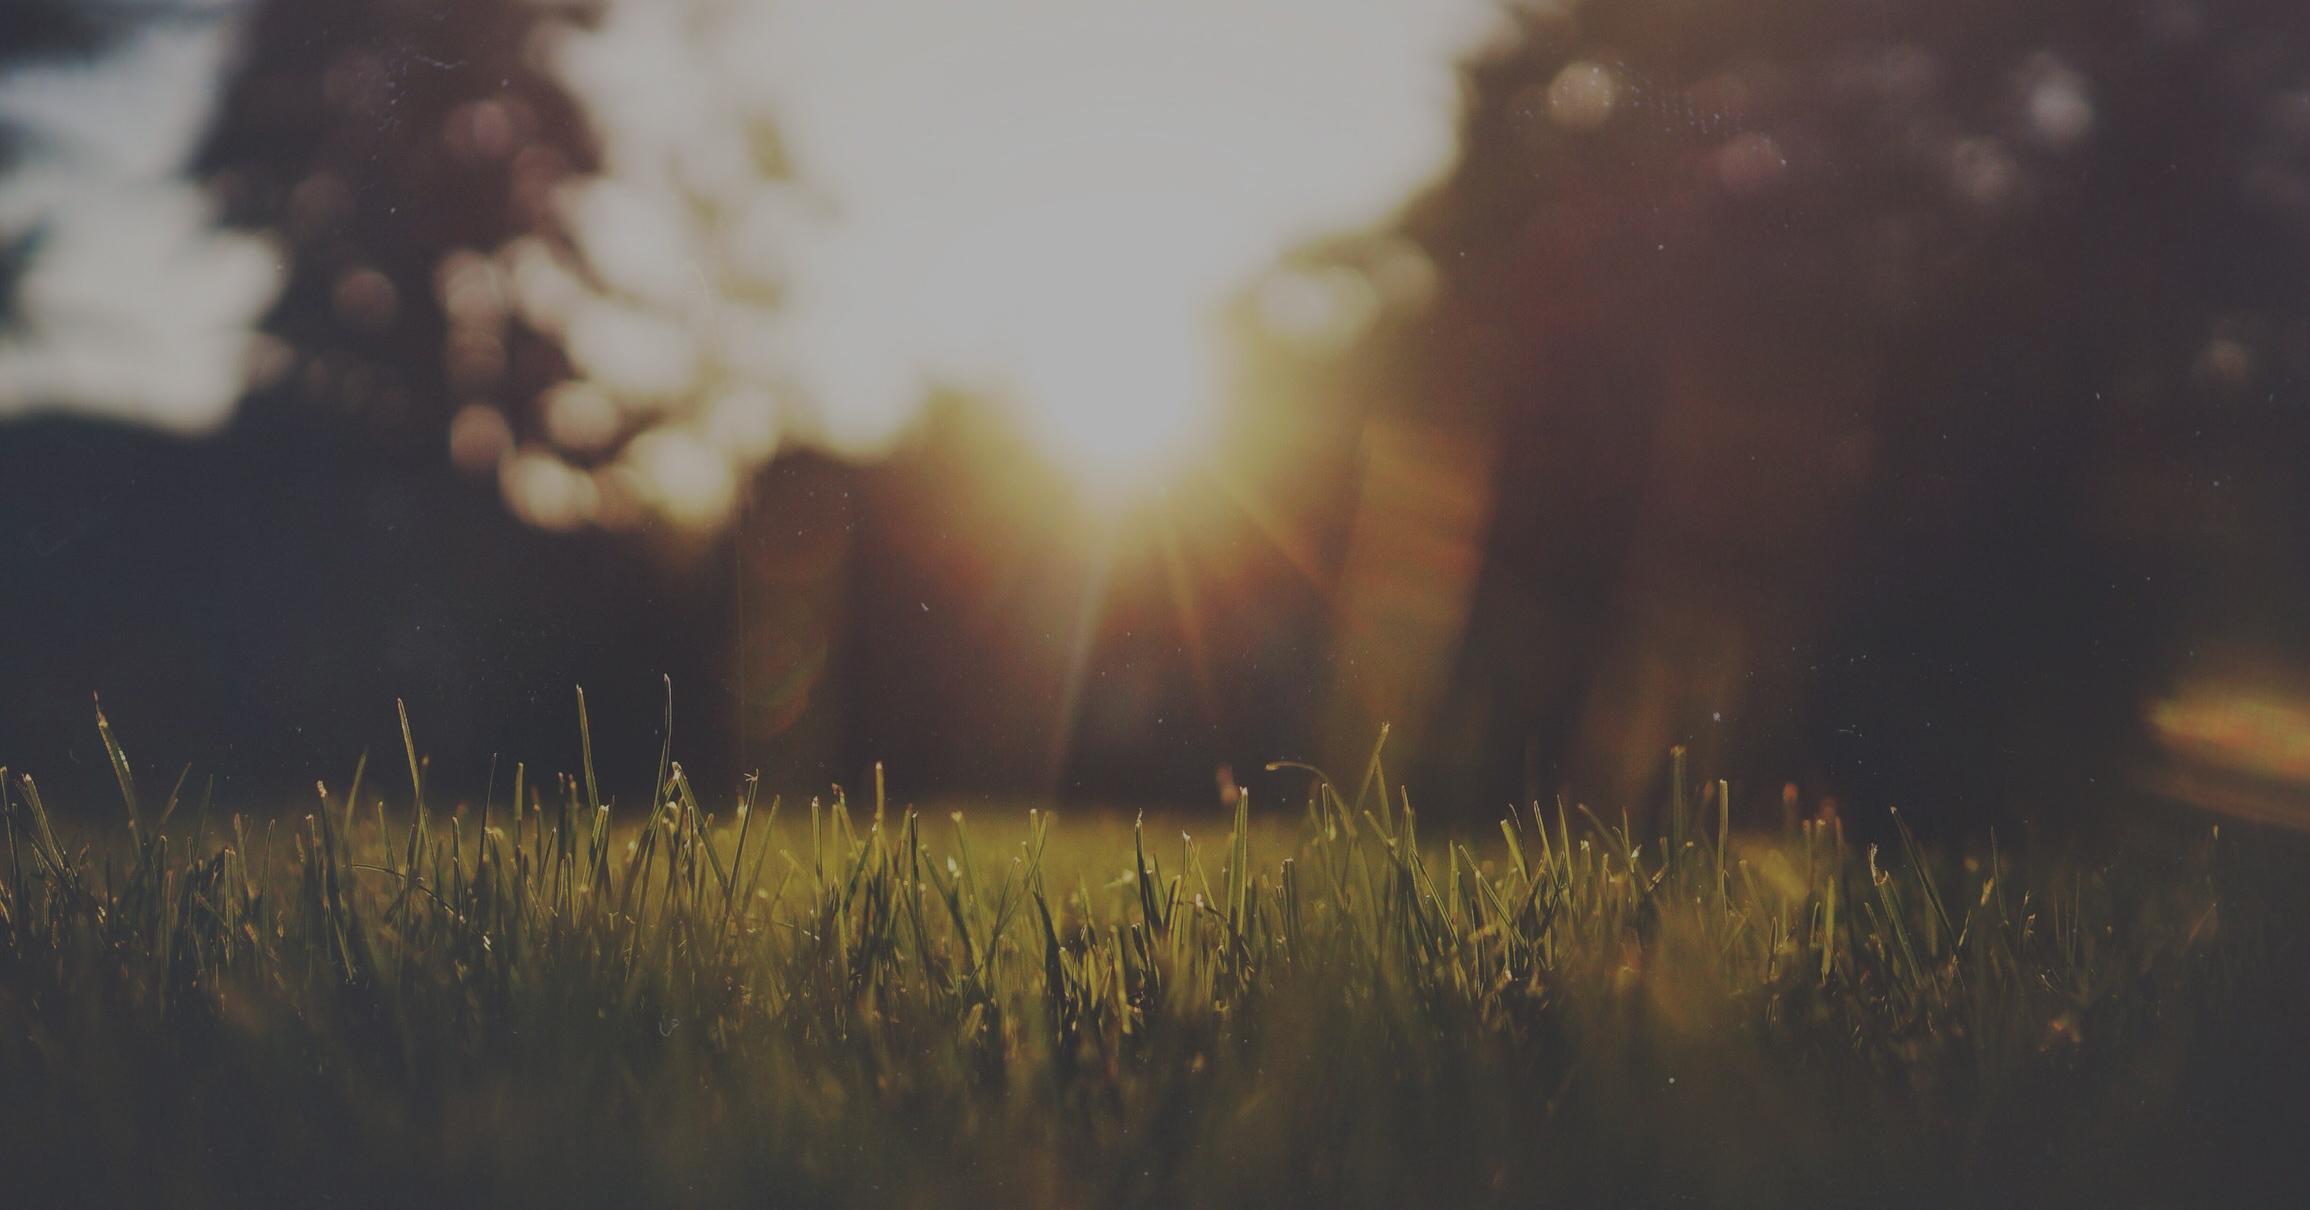 dawn-dust-grass-2946